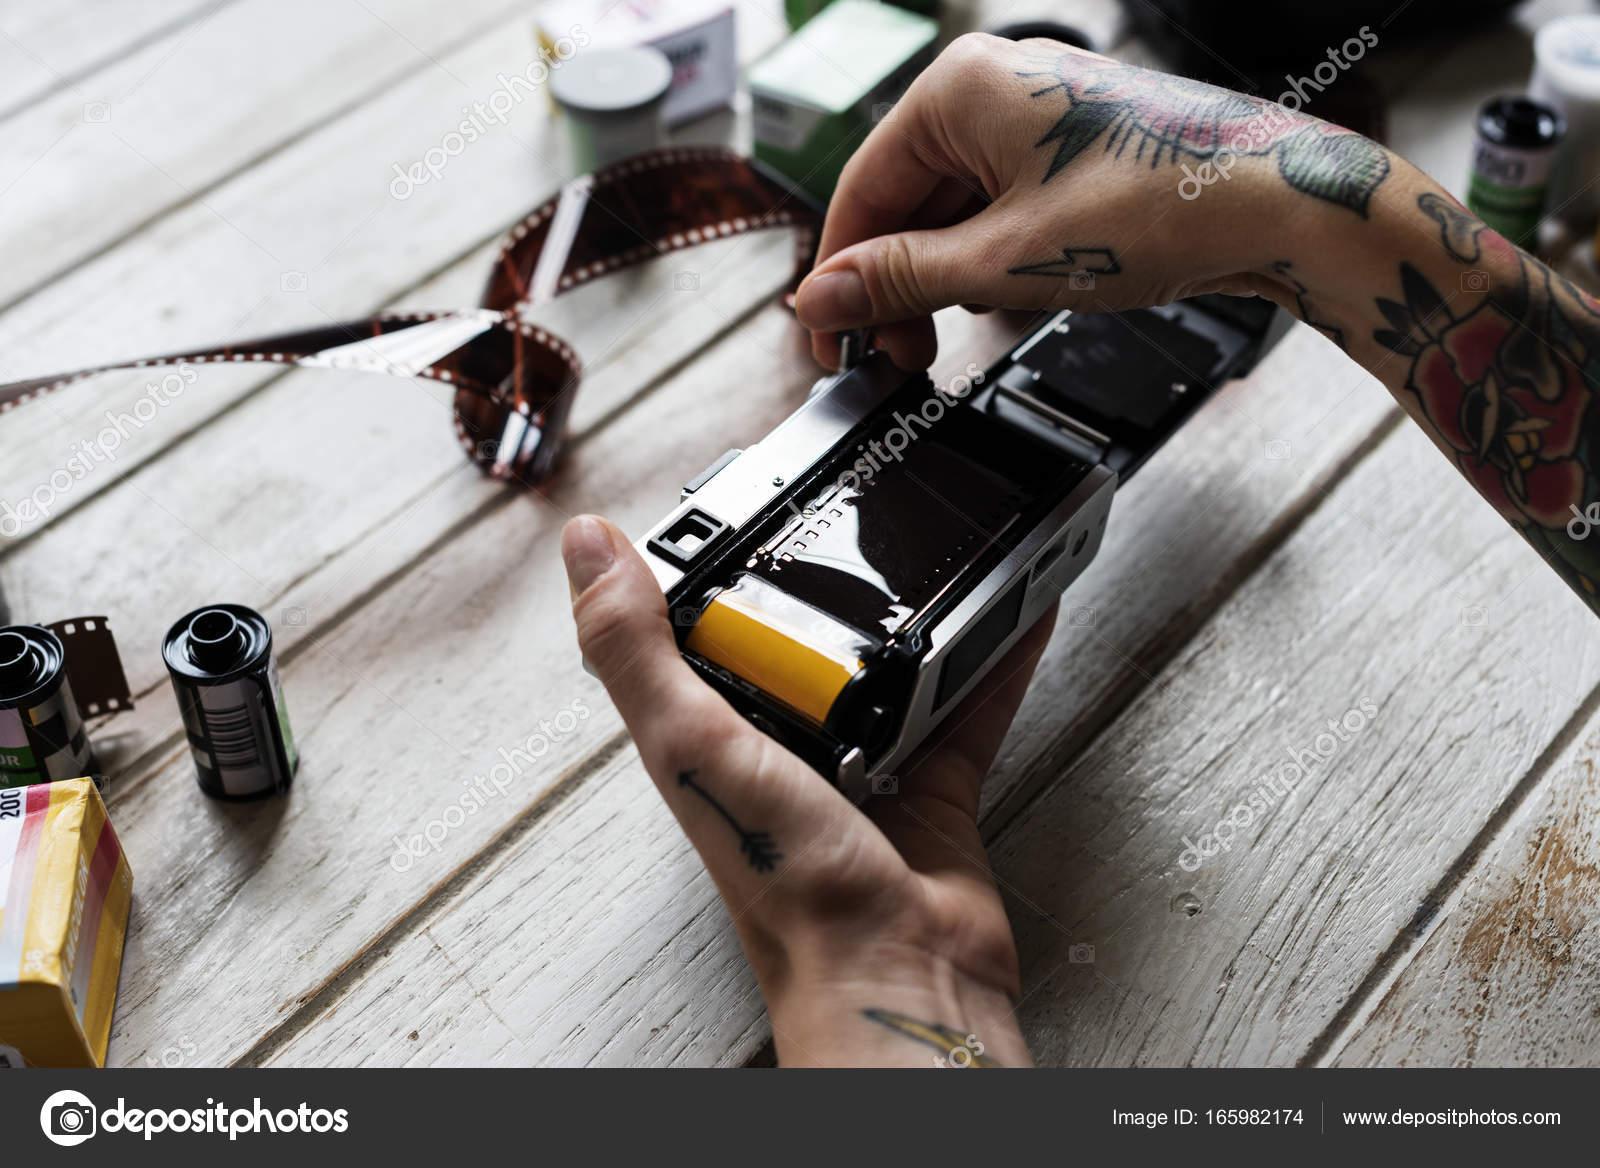 Ręce Tatuaż Instalowania Taśmy Filmowe Aparatu Zdjęcie